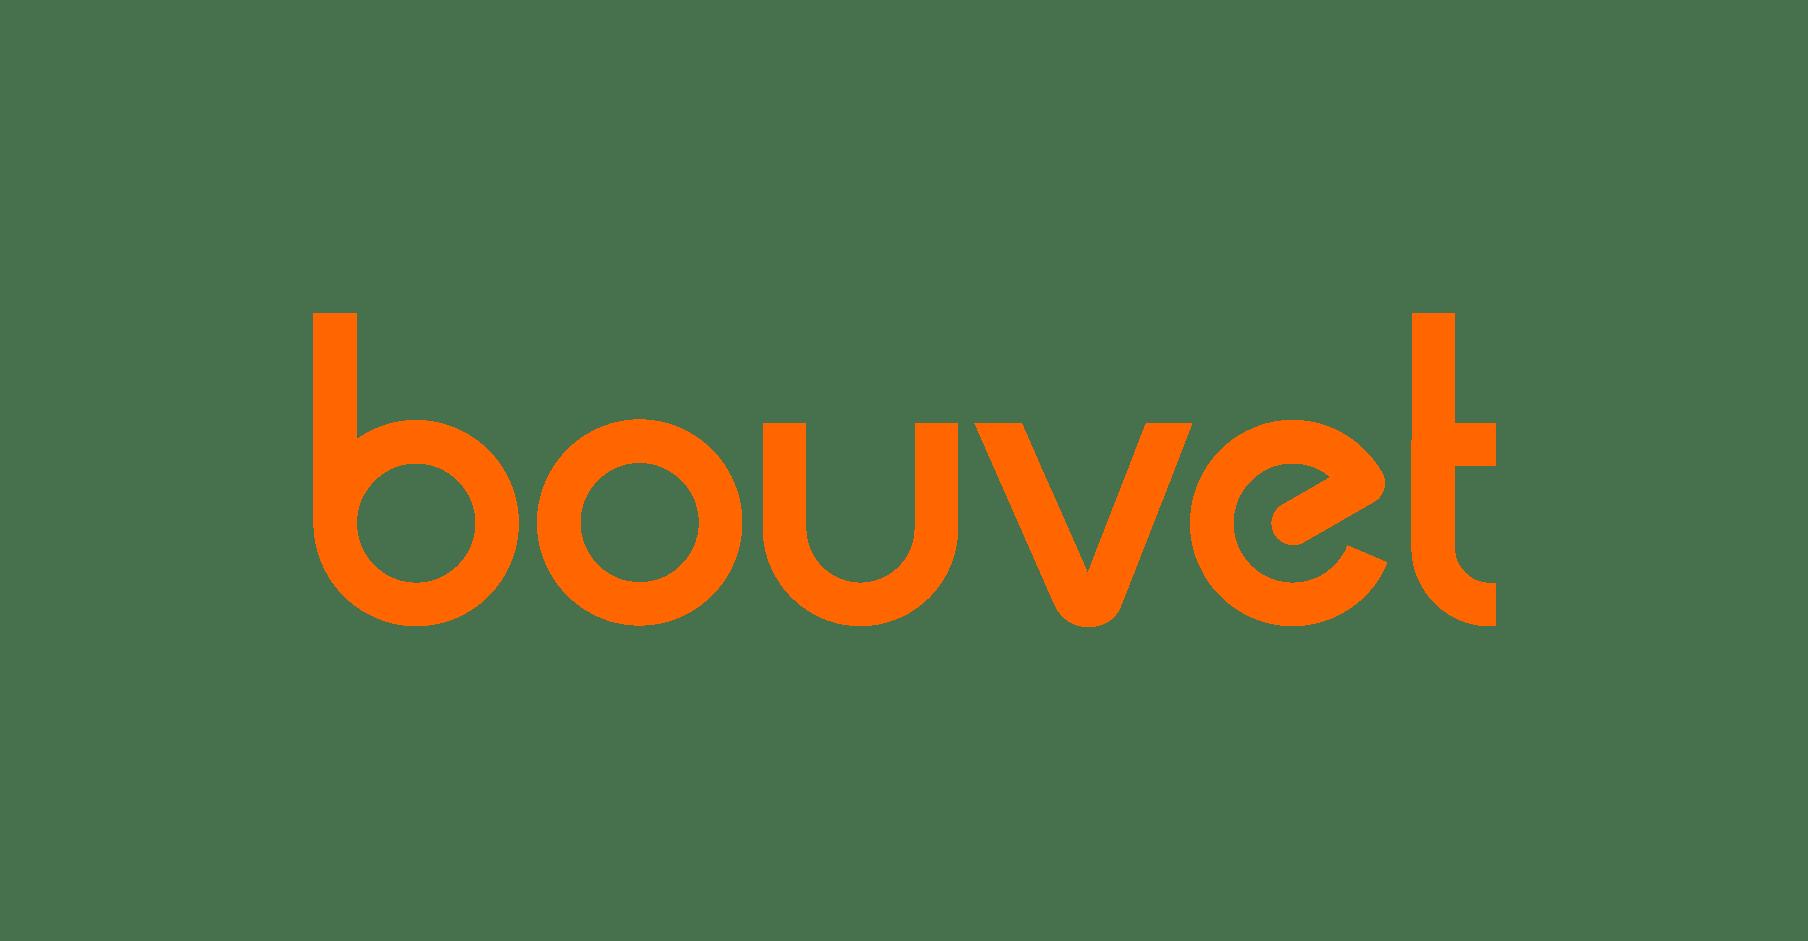 PNG_300_Bouvet_logo_Oransje_RGB.png